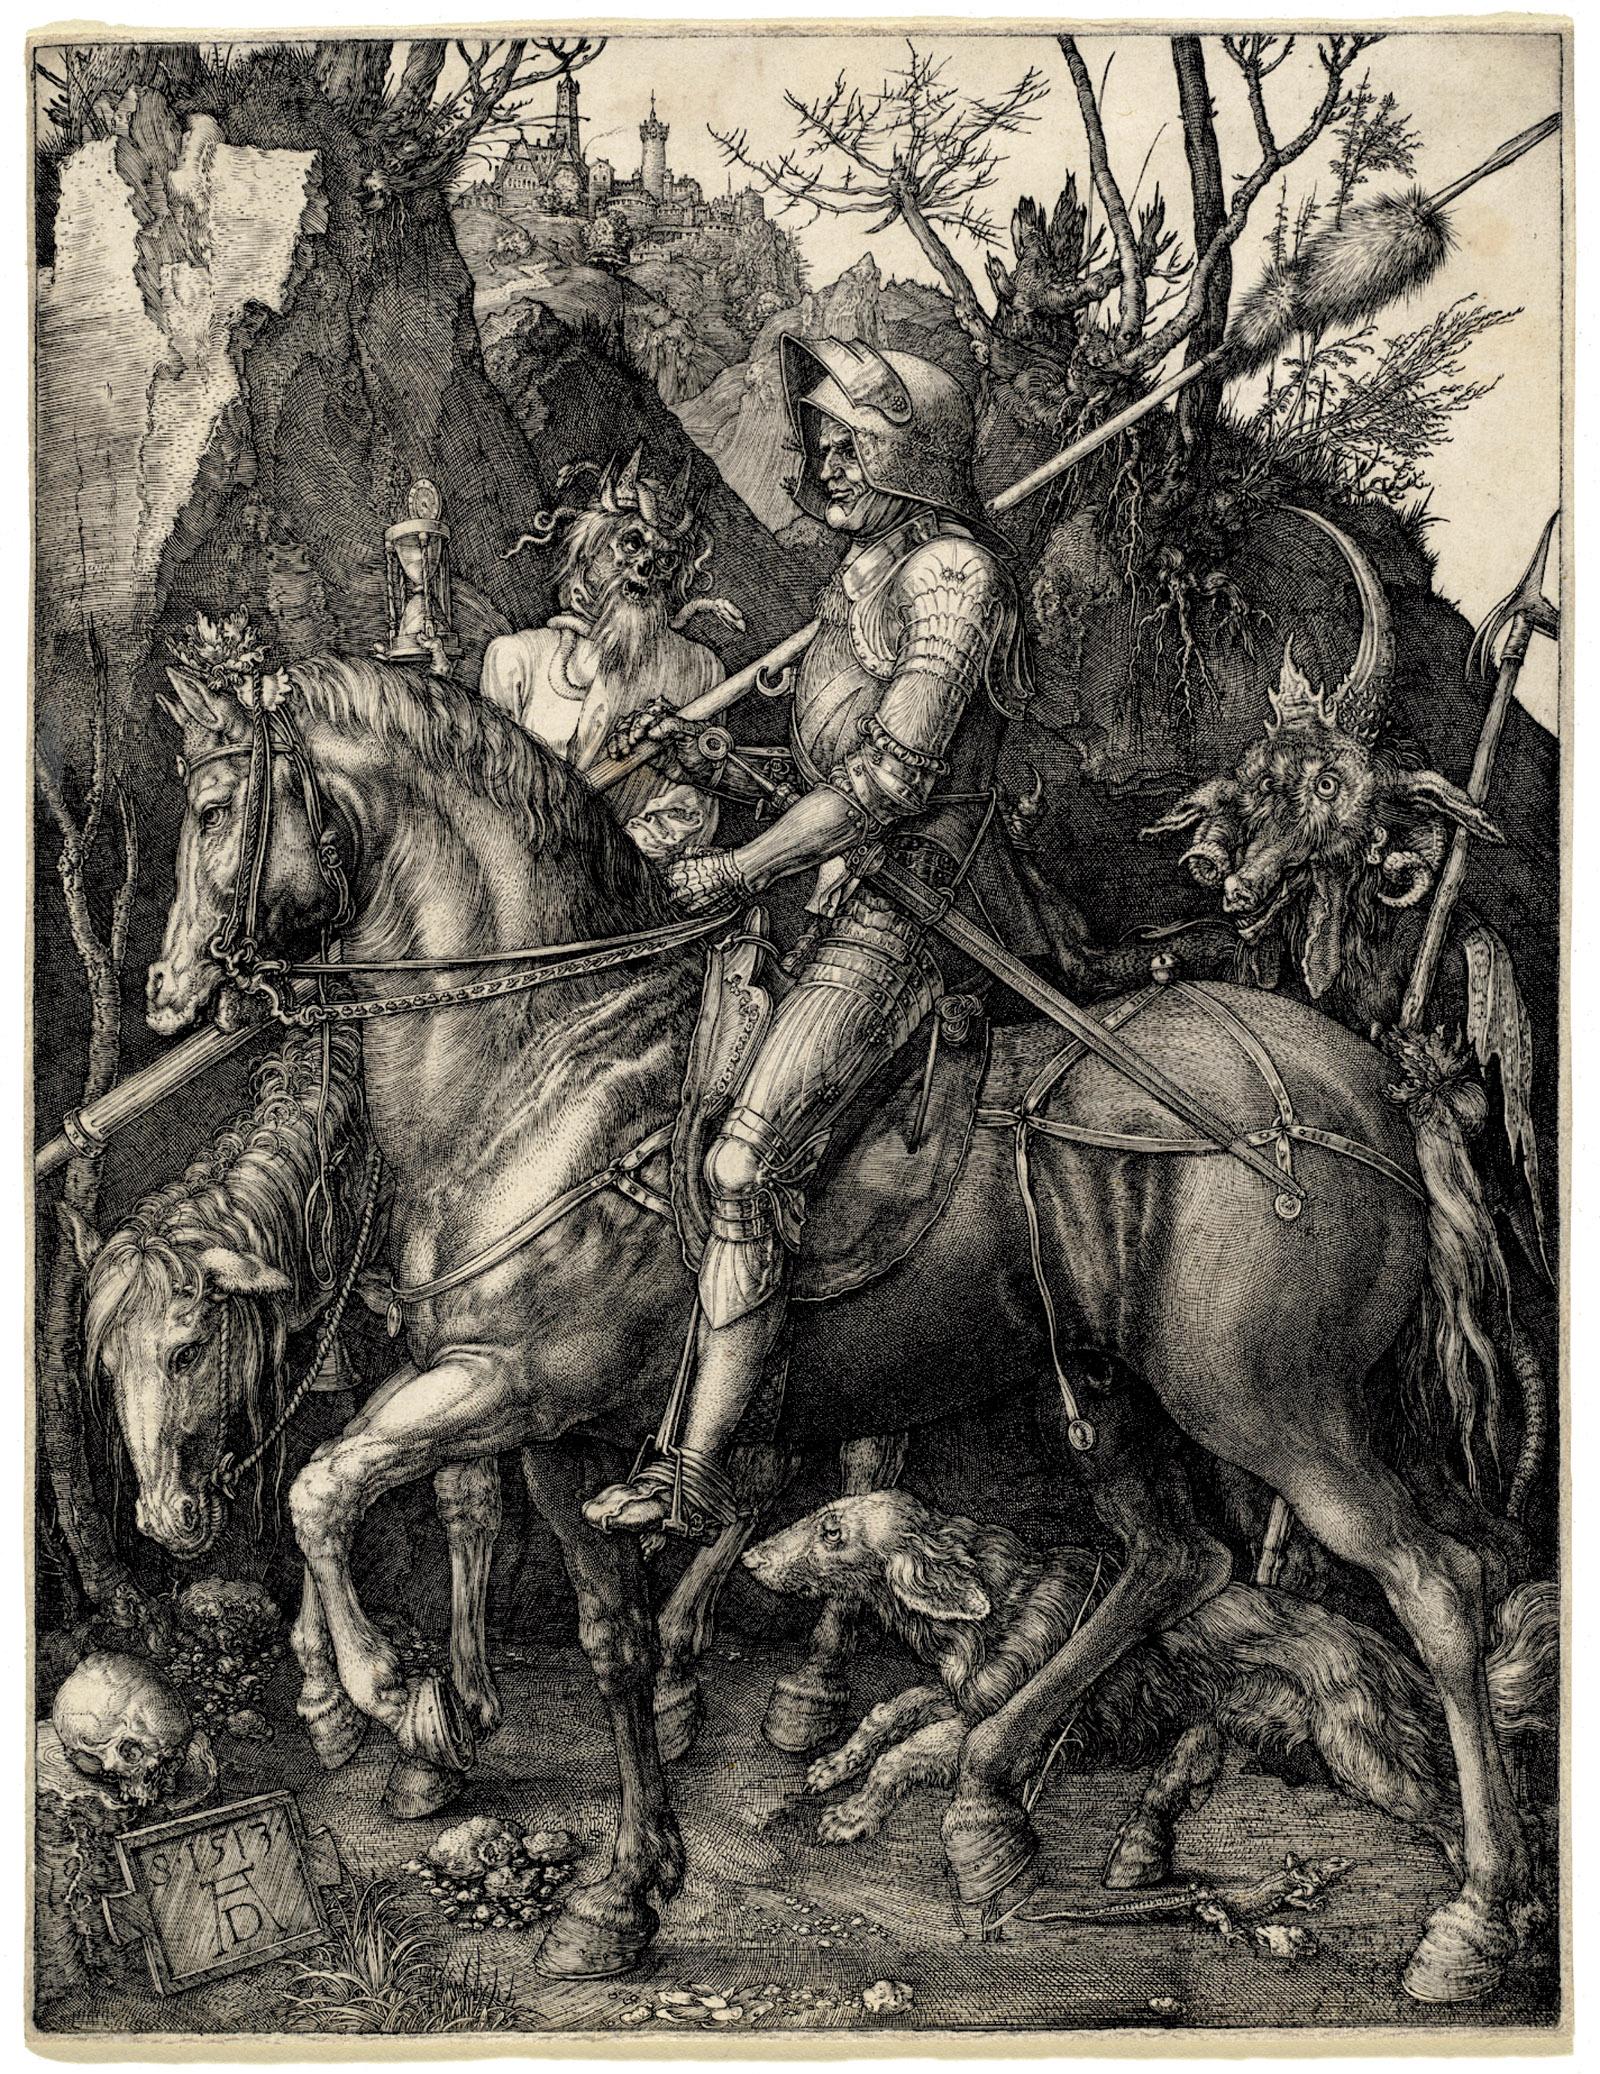 Albrecht Dürer's Knight, Death and the Devil, 1513